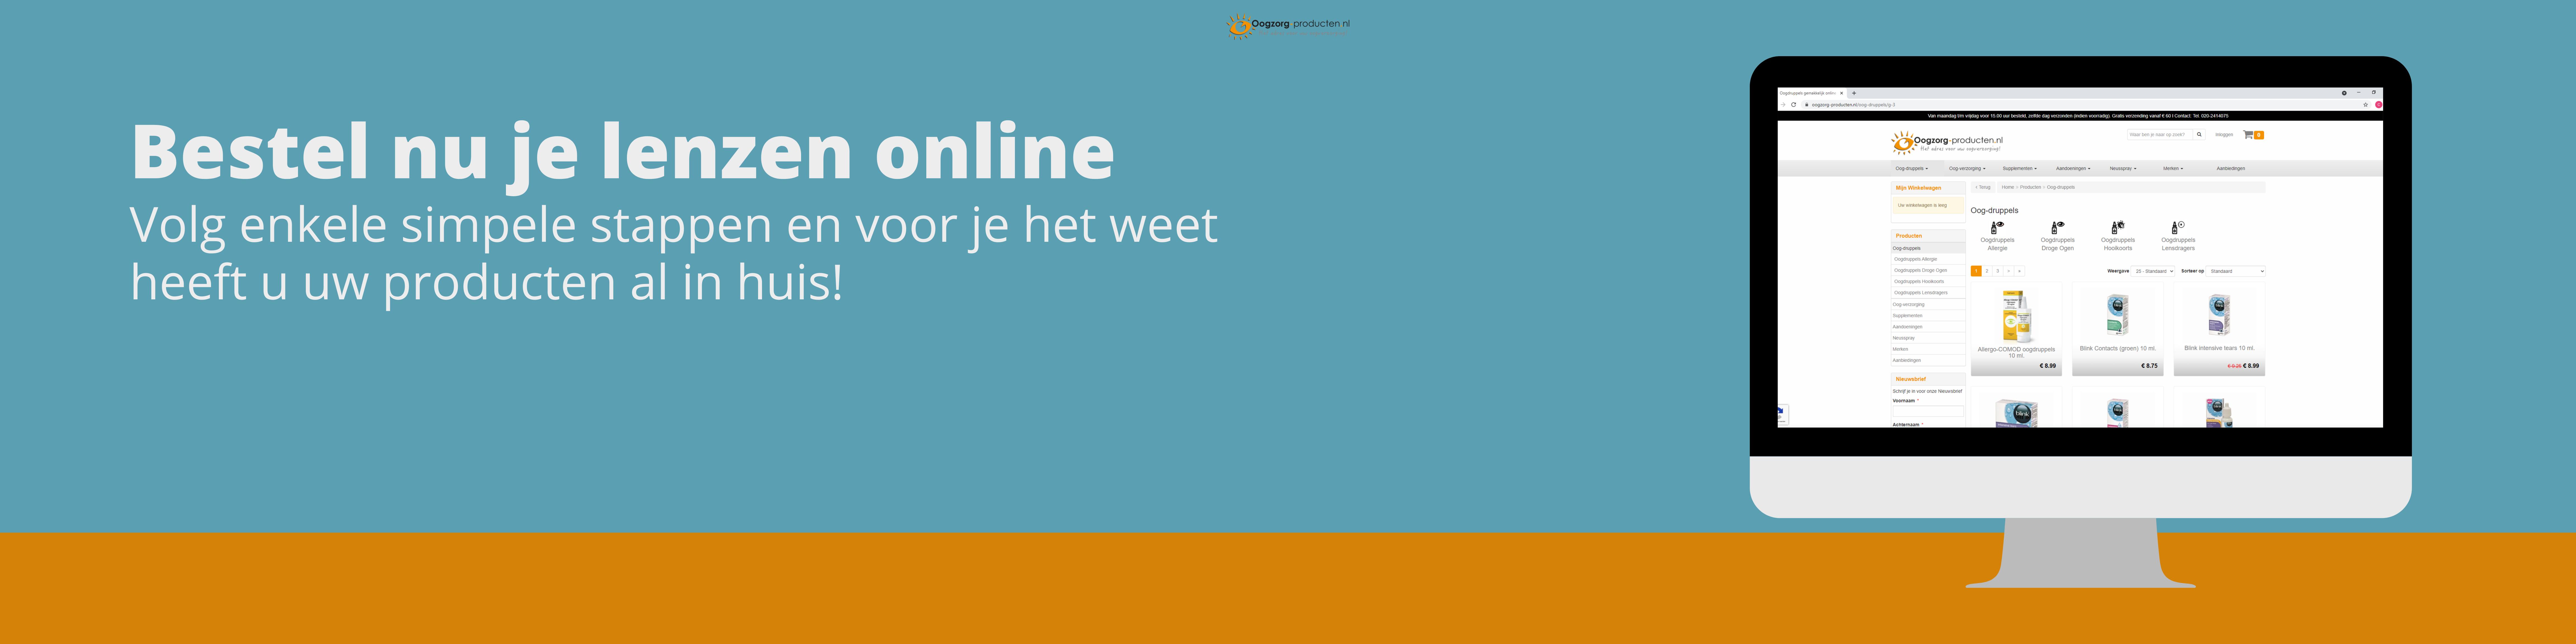 onlinebestellen